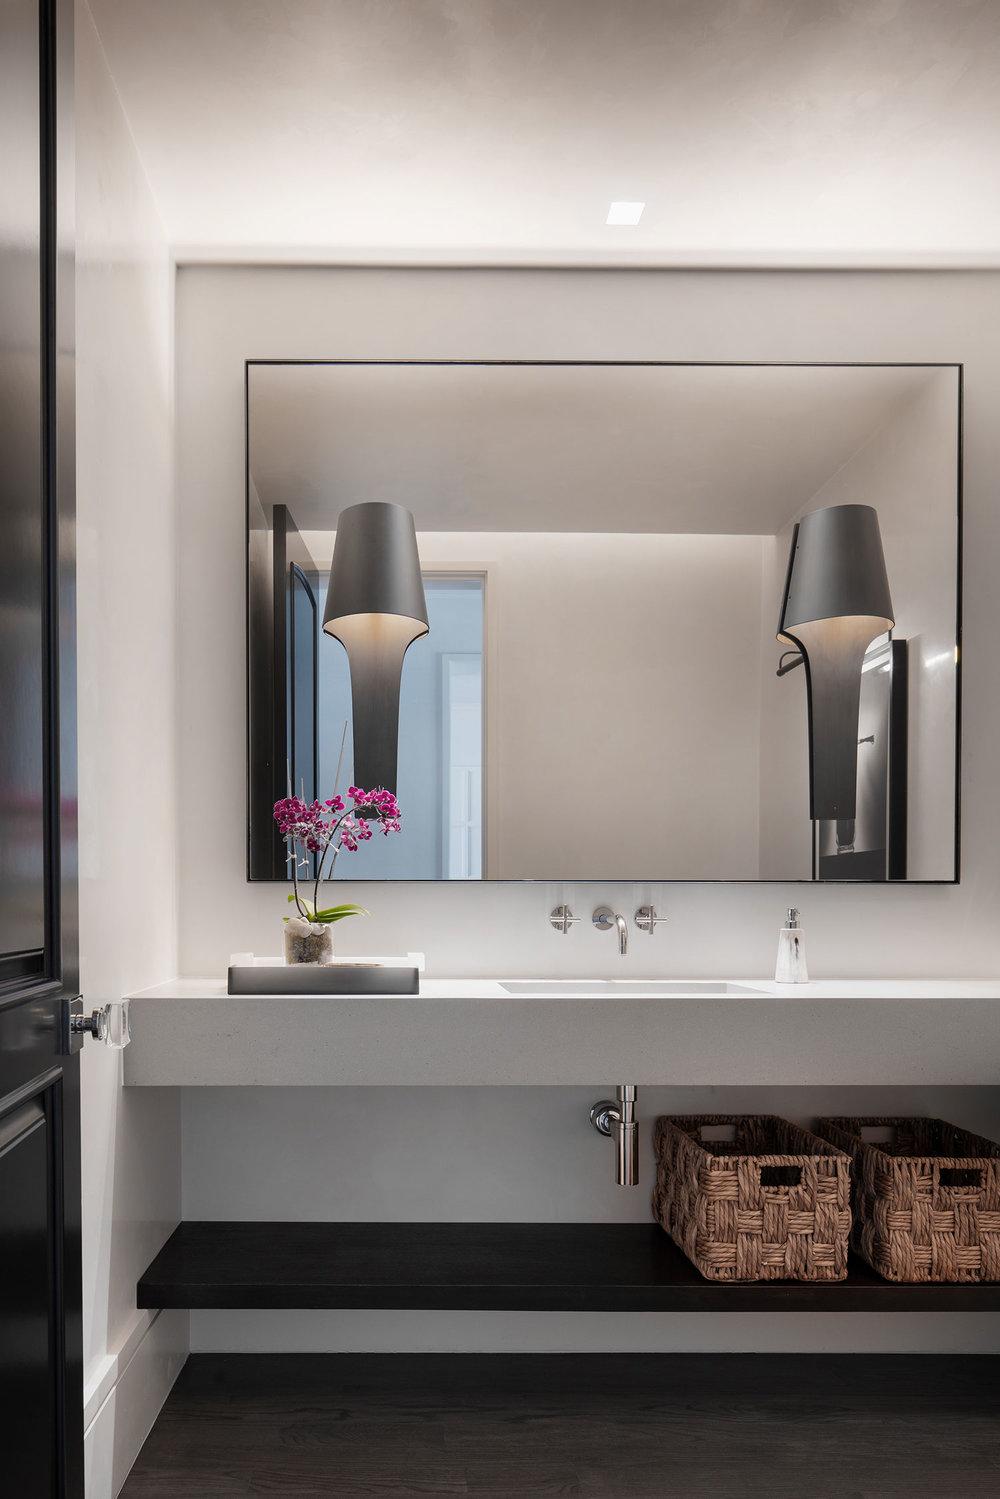 Stephen Karlisch Blackburn Bathroom Sink